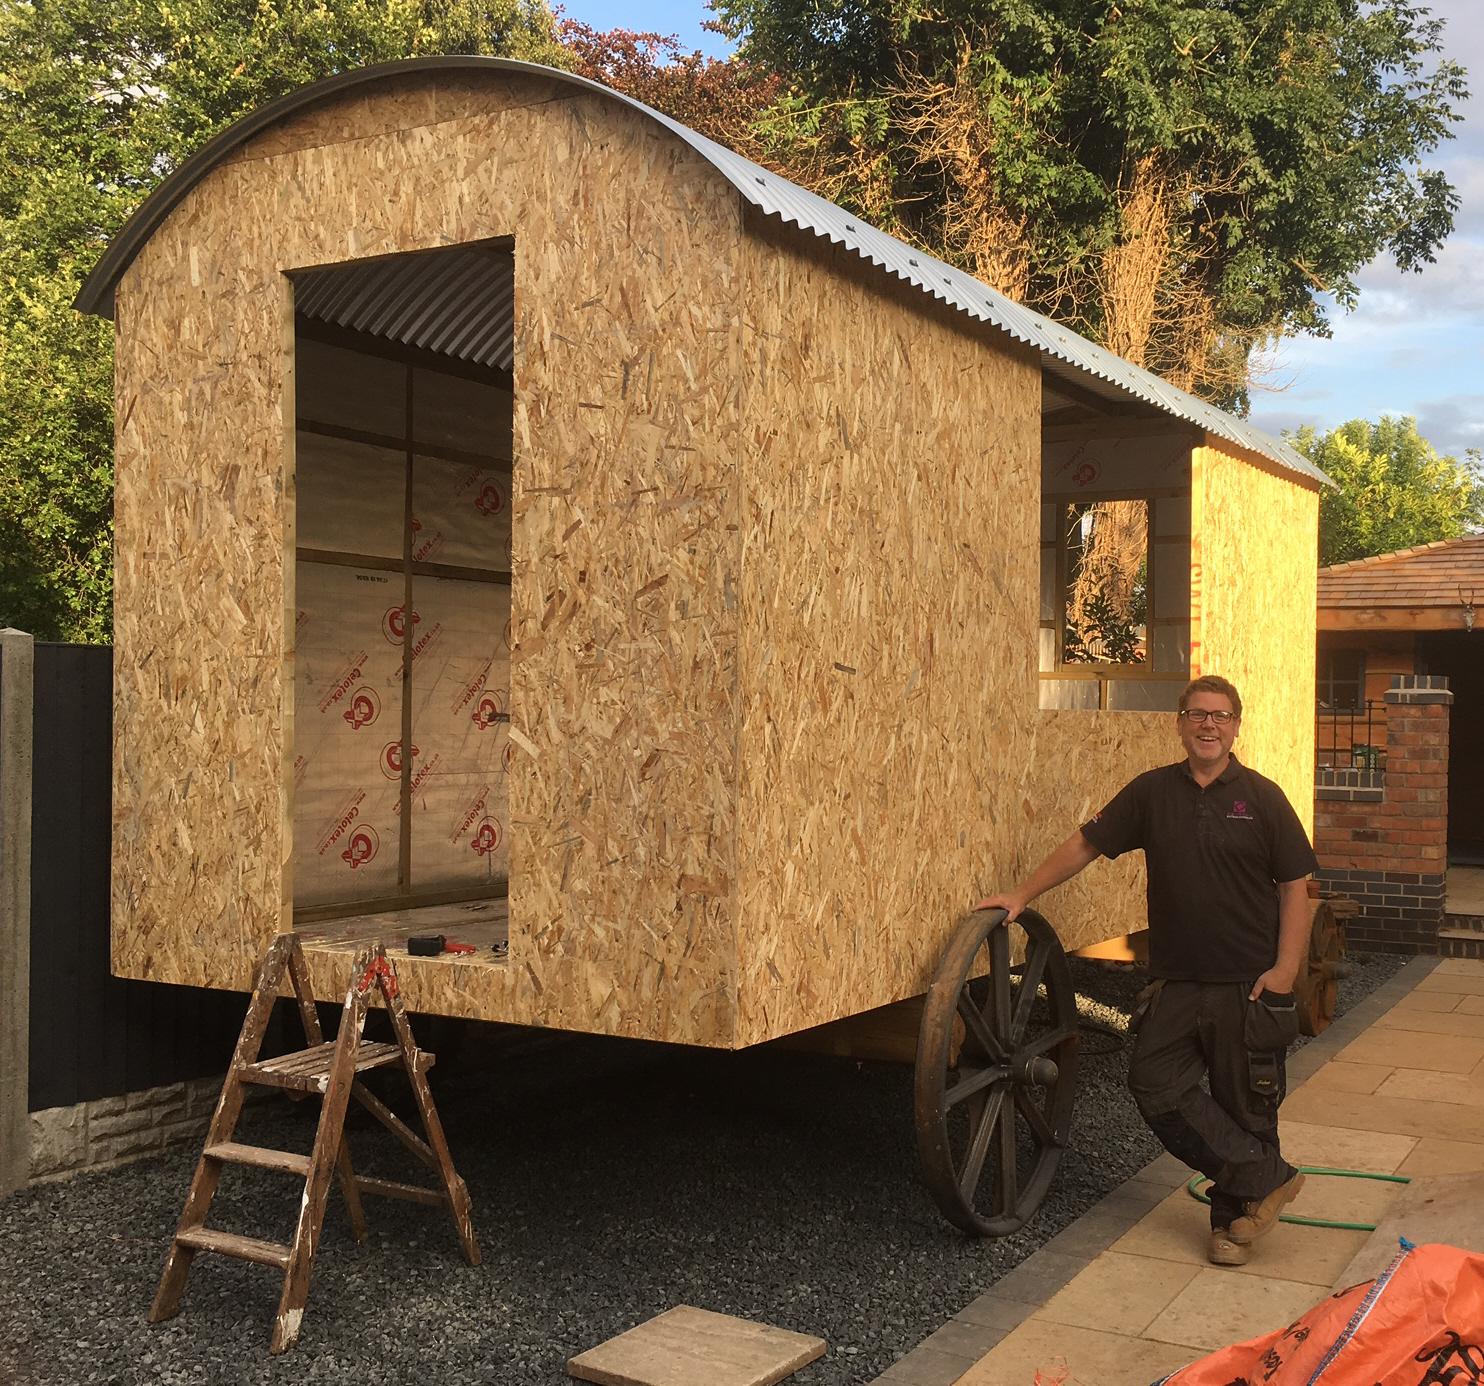 Shepherd Hut Floor Plans: Build Your Own Shepherd's Hut In 2019!